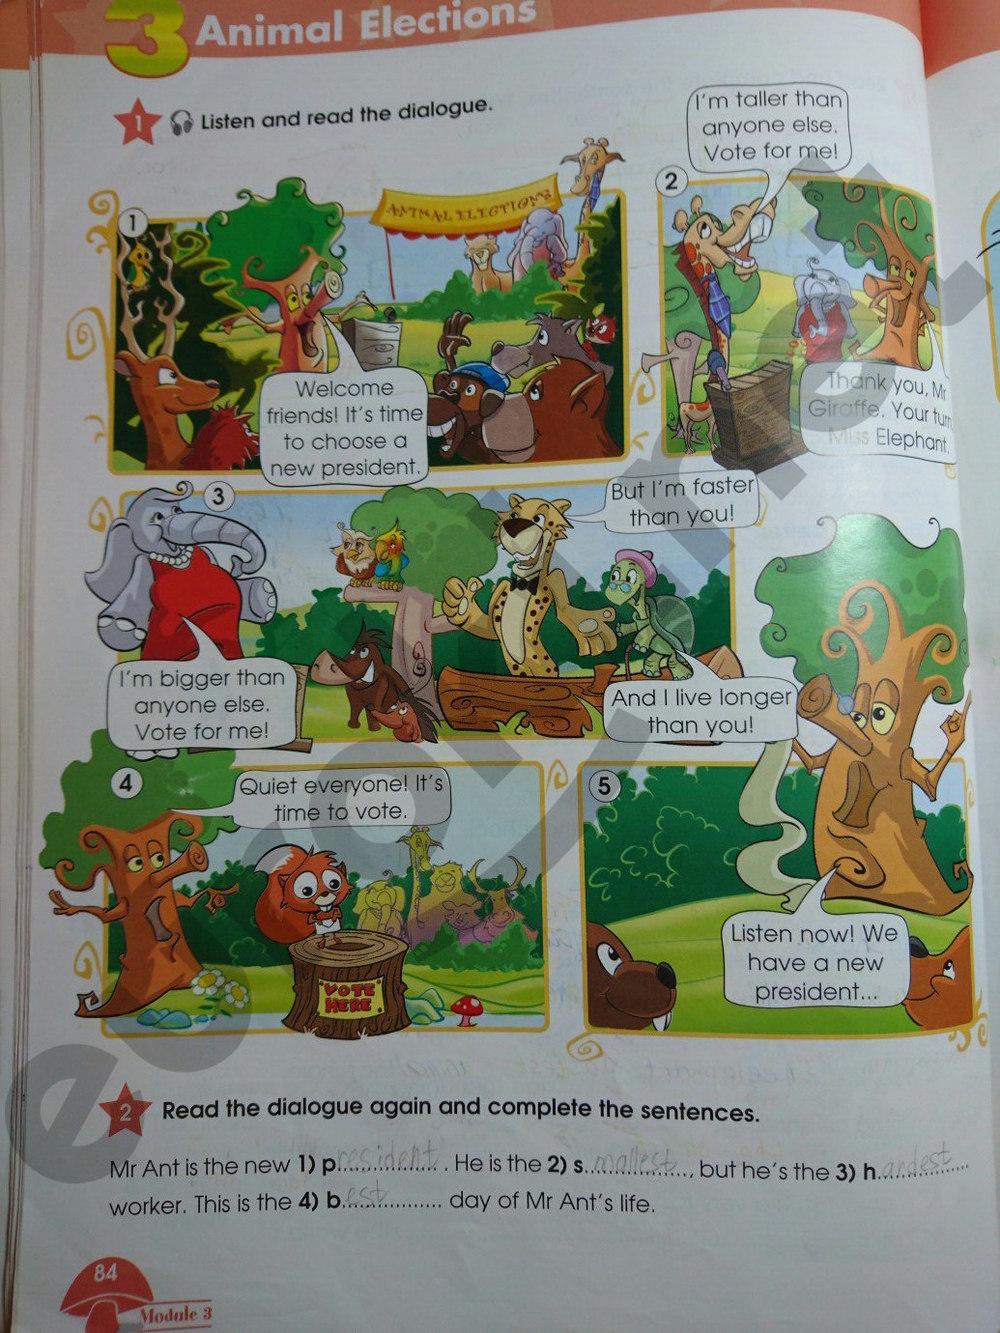 гдз по английскому языку 4 класс баранова дули копылова учебник